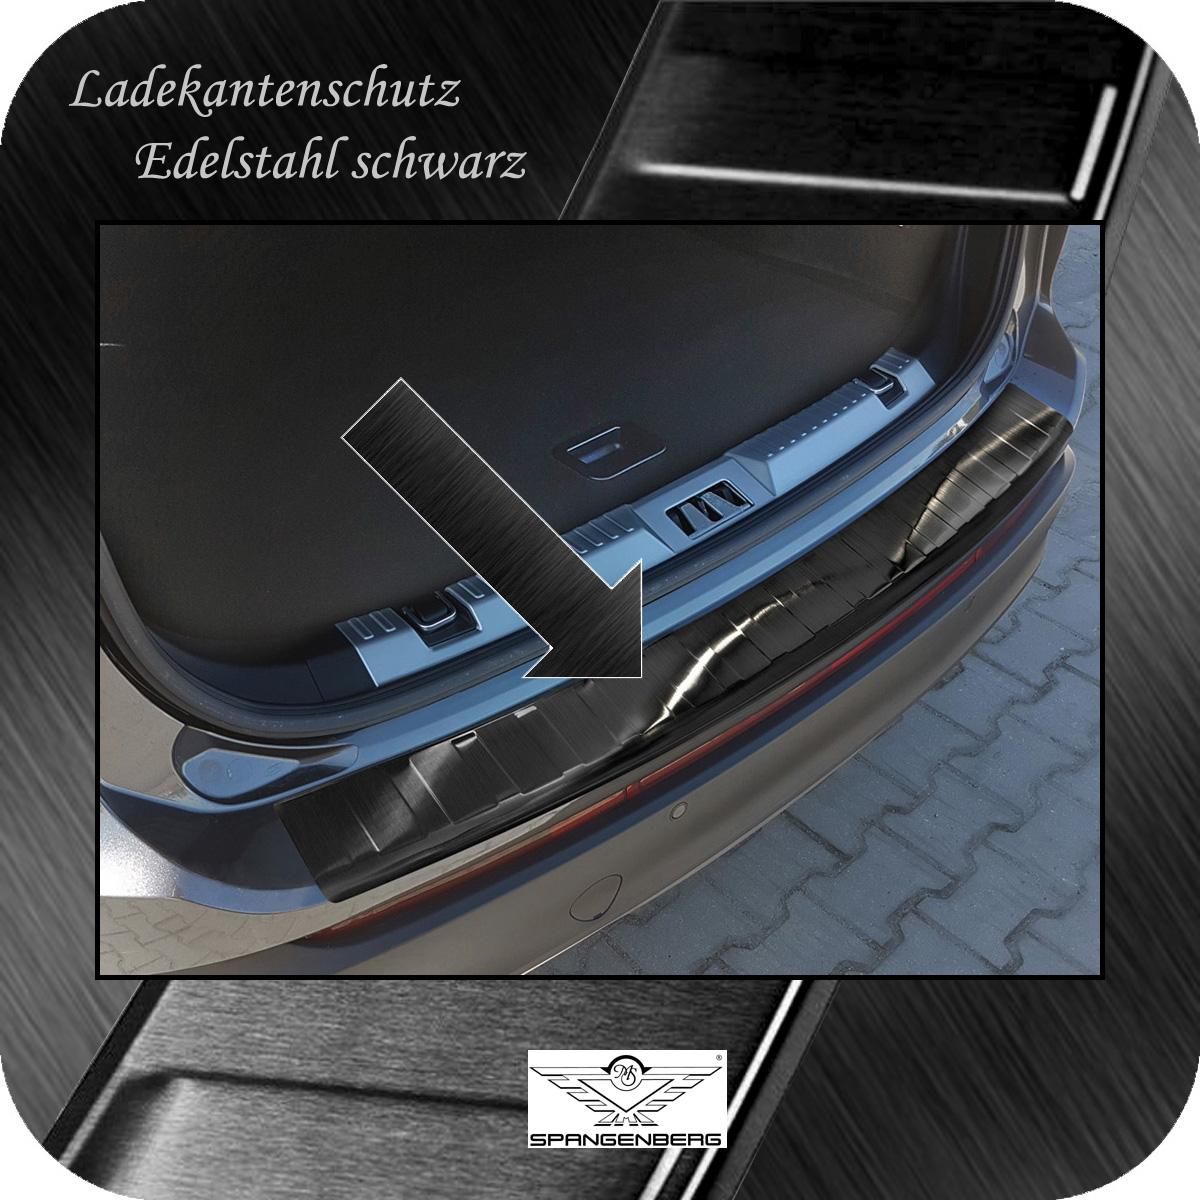 Ladekantenschutz Edelstahl schwarz graphit Ford Edge SUV vor Mopf 14-18 3245068